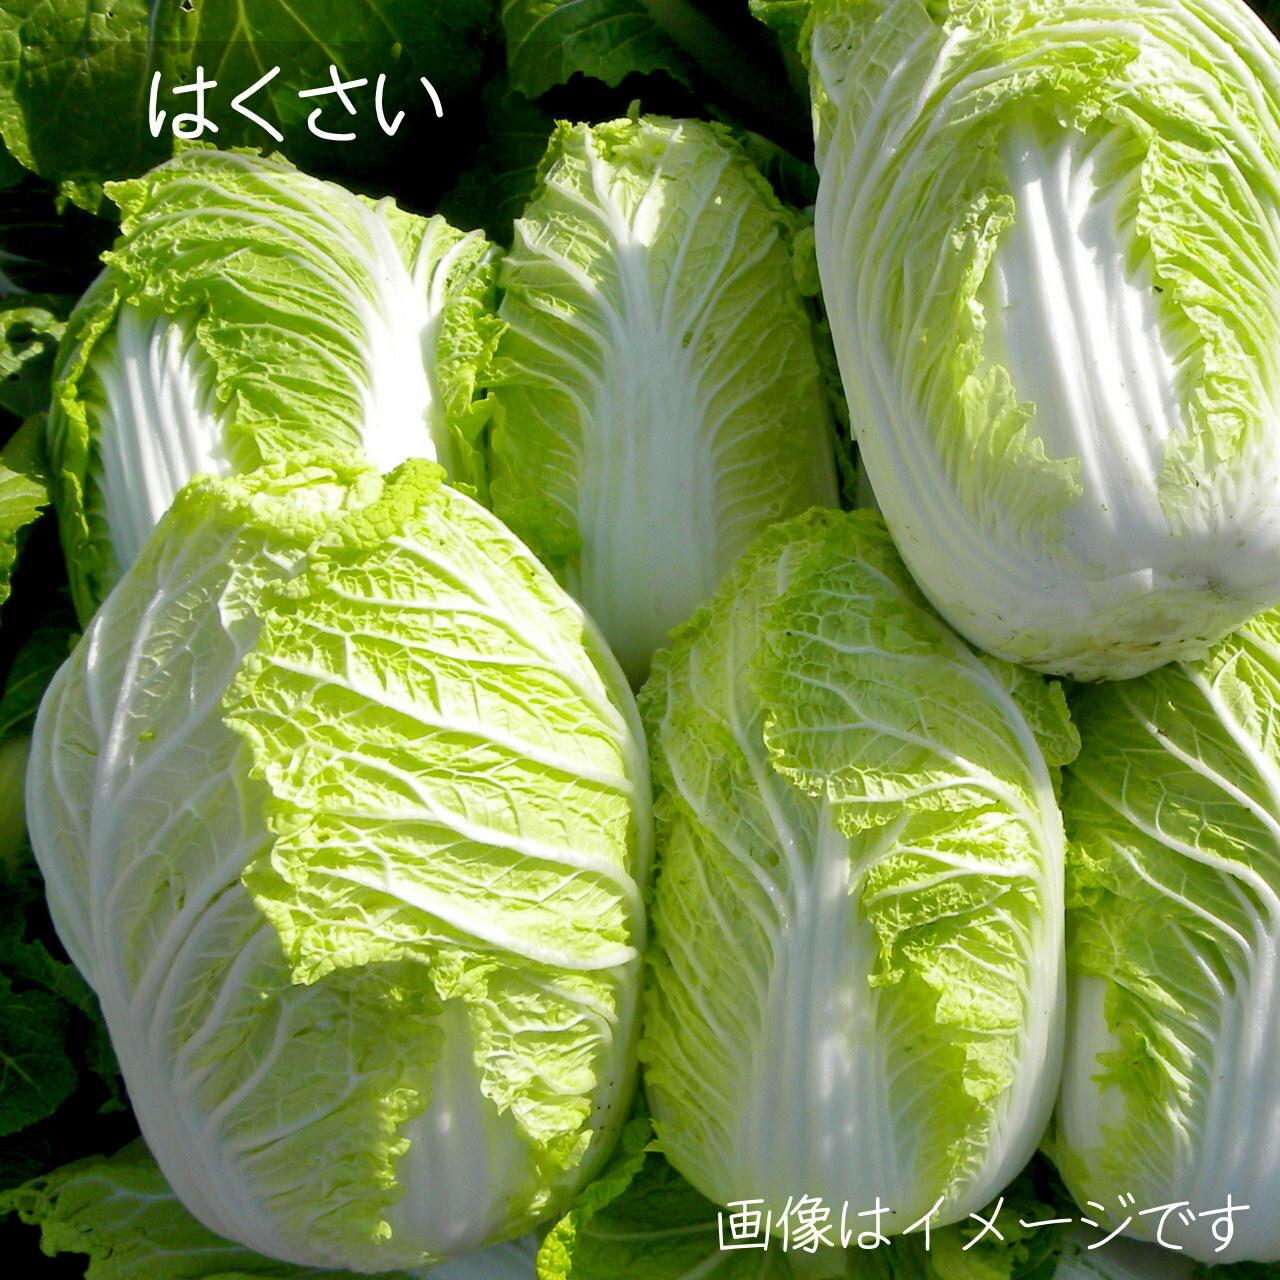 白菜 1個 朝採り直売野菜 7月の新鮮な夏野菜 : 7月11日発送予定